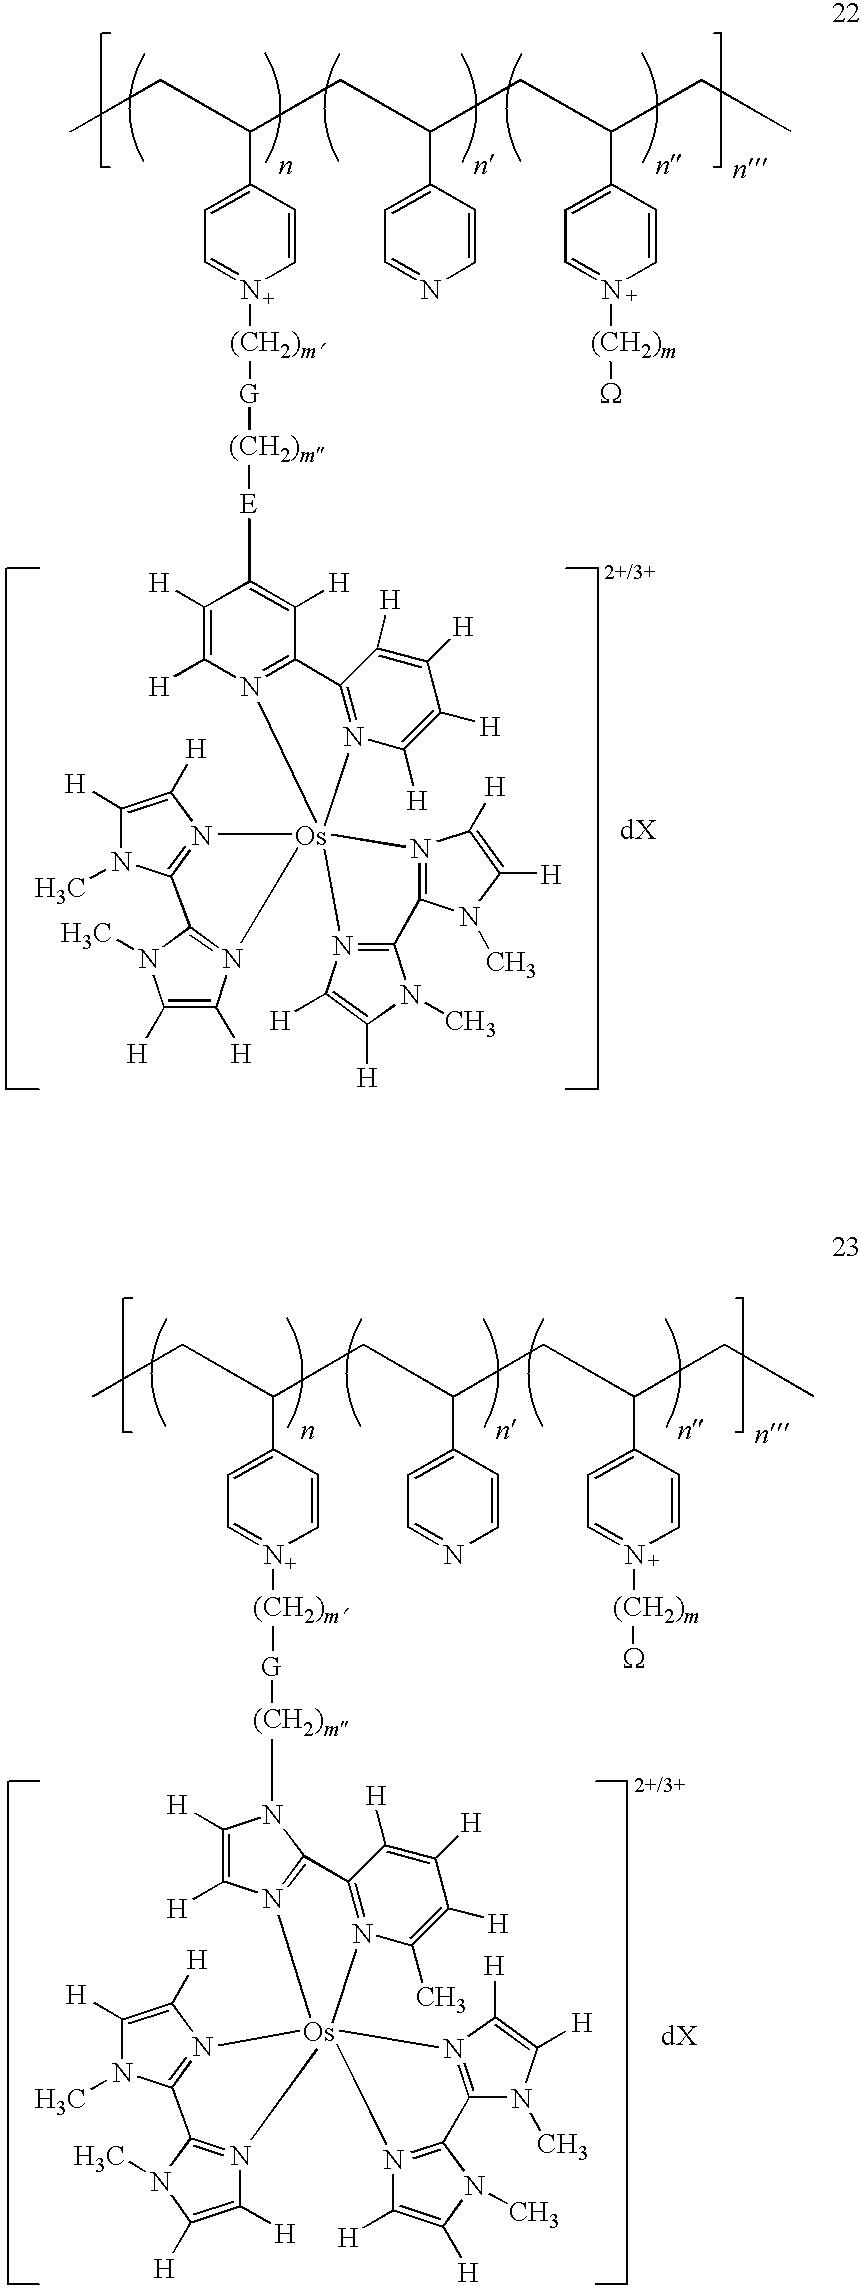 Figure US20100288634A1-20101118-C00037